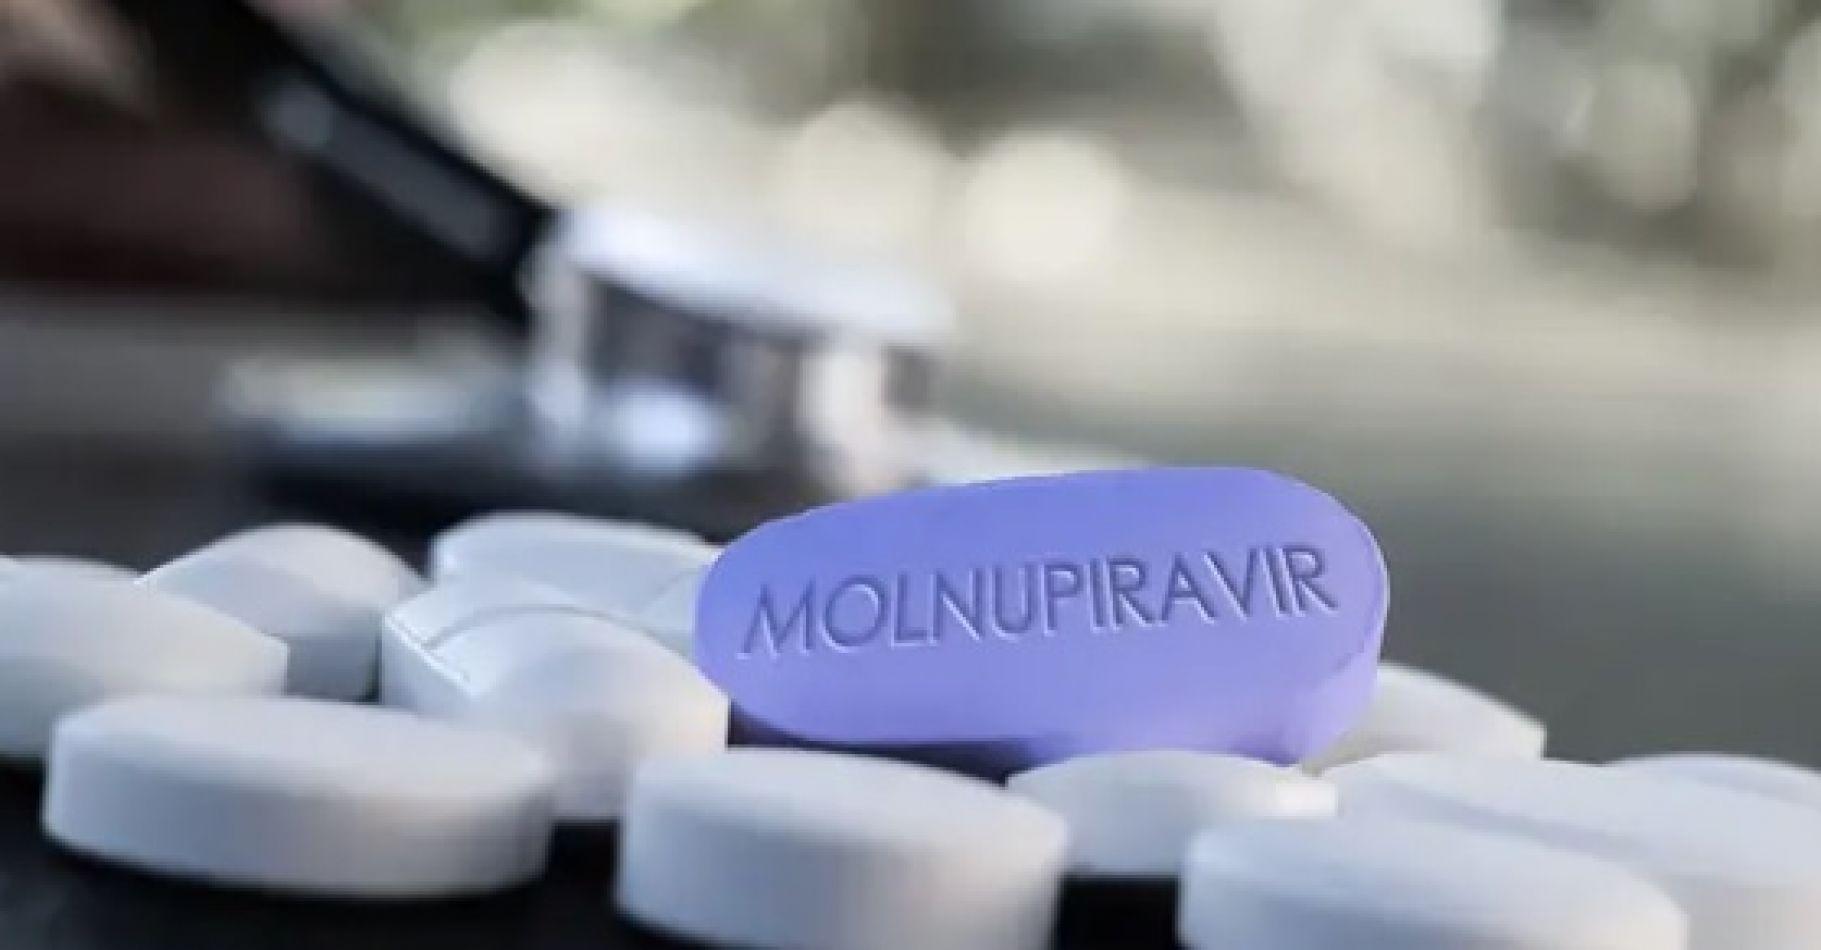 La esperanza del mundo gira ahora sobre una píldora